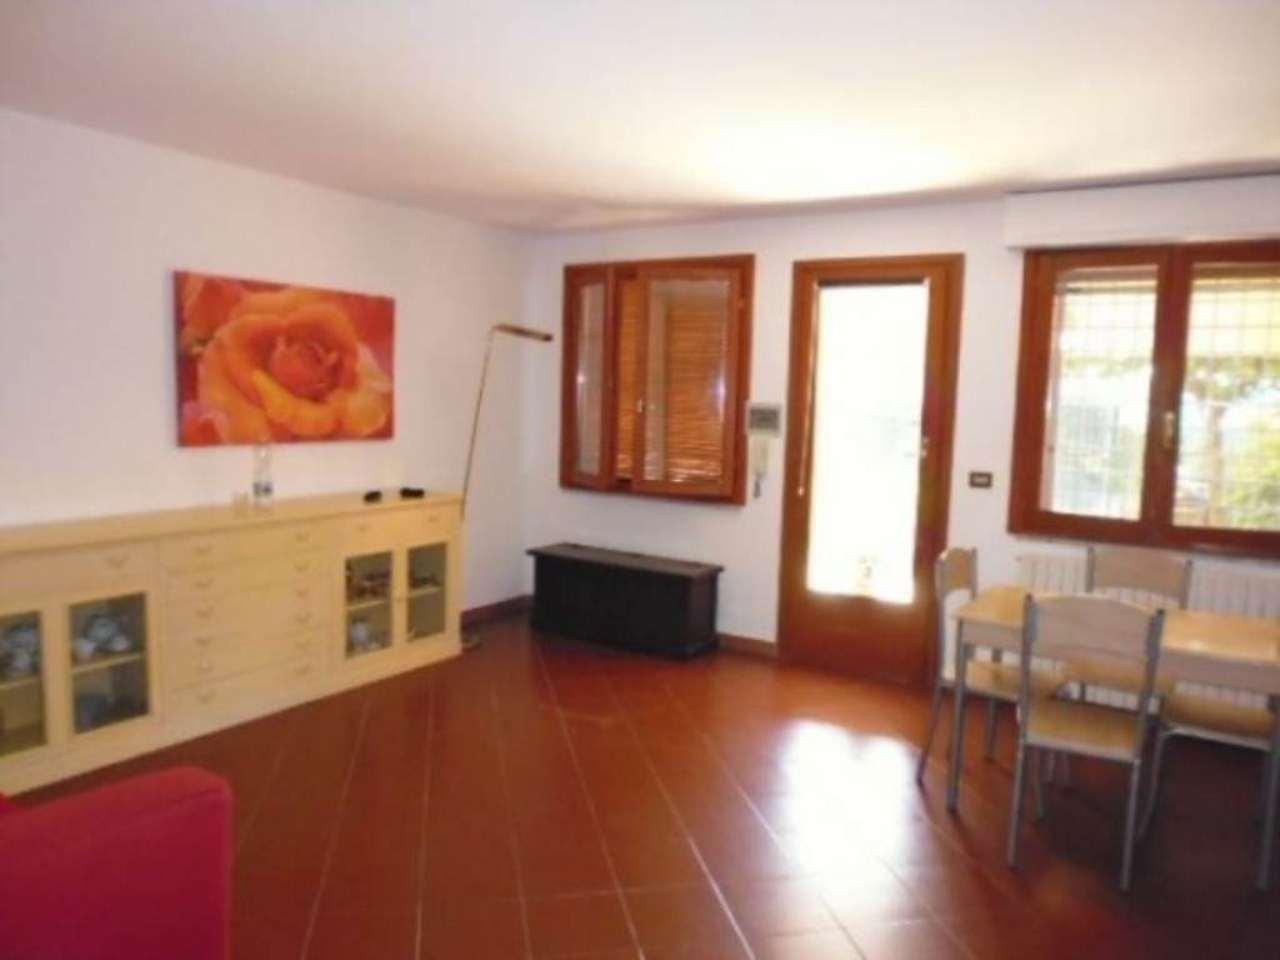 Appartamento in vendita a Campagnano di Roma, 3 locali, prezzo € 79.000 | Cambio Casa.it